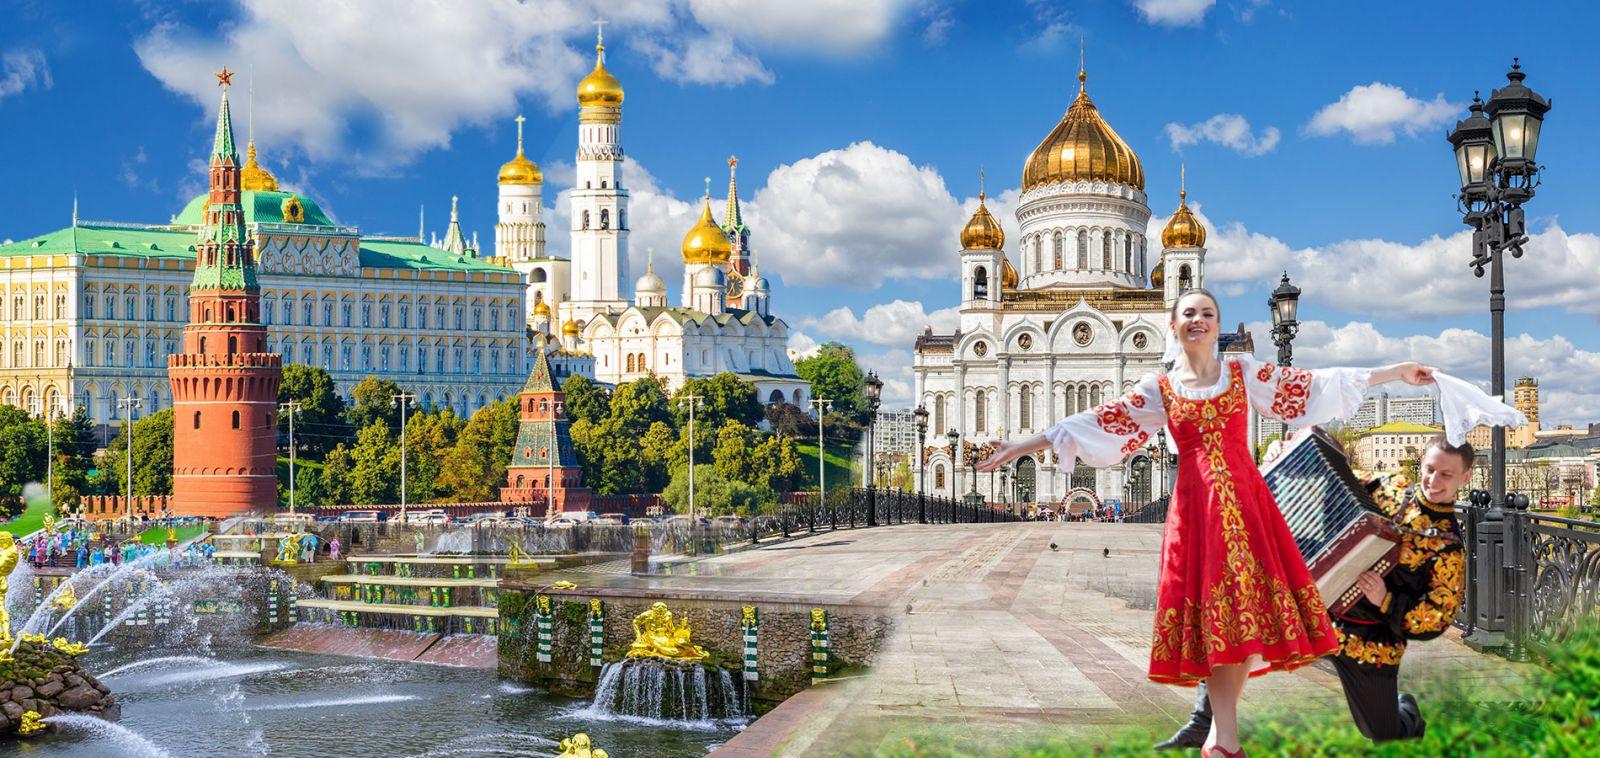 Gửi hàng bằng đường biển từ Bình Dương đi Nga giá rẻ, chất lượng, uy tín